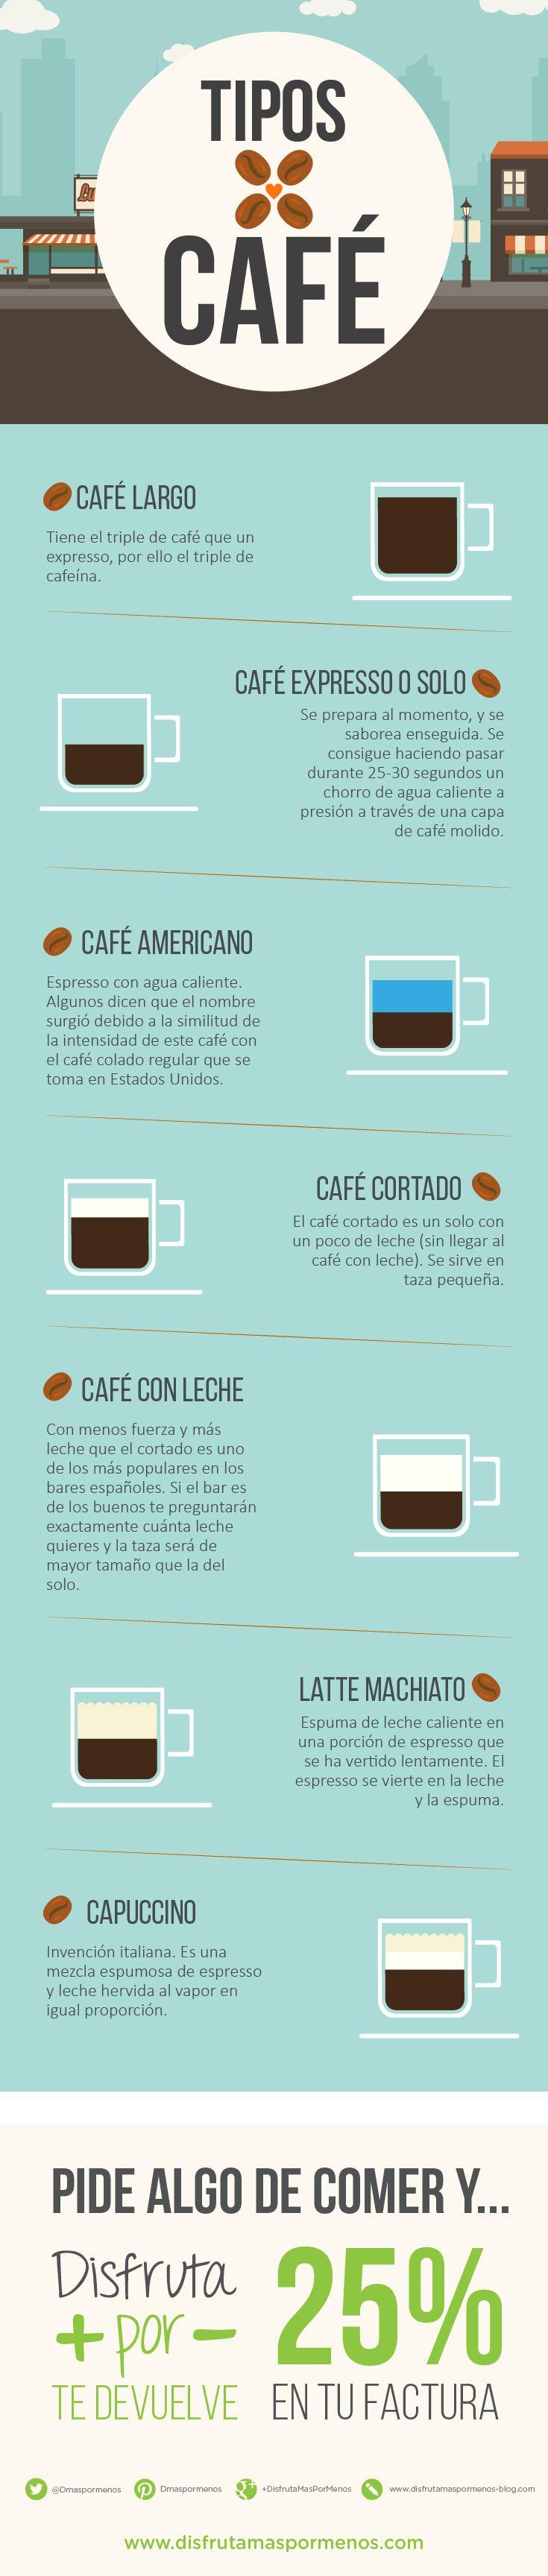 En Disfruta+por- hemos preparado una infografía con los diferentes tipos de cafés que hay. ¿Cuál es tu preferido? ¿Los conocías todos?